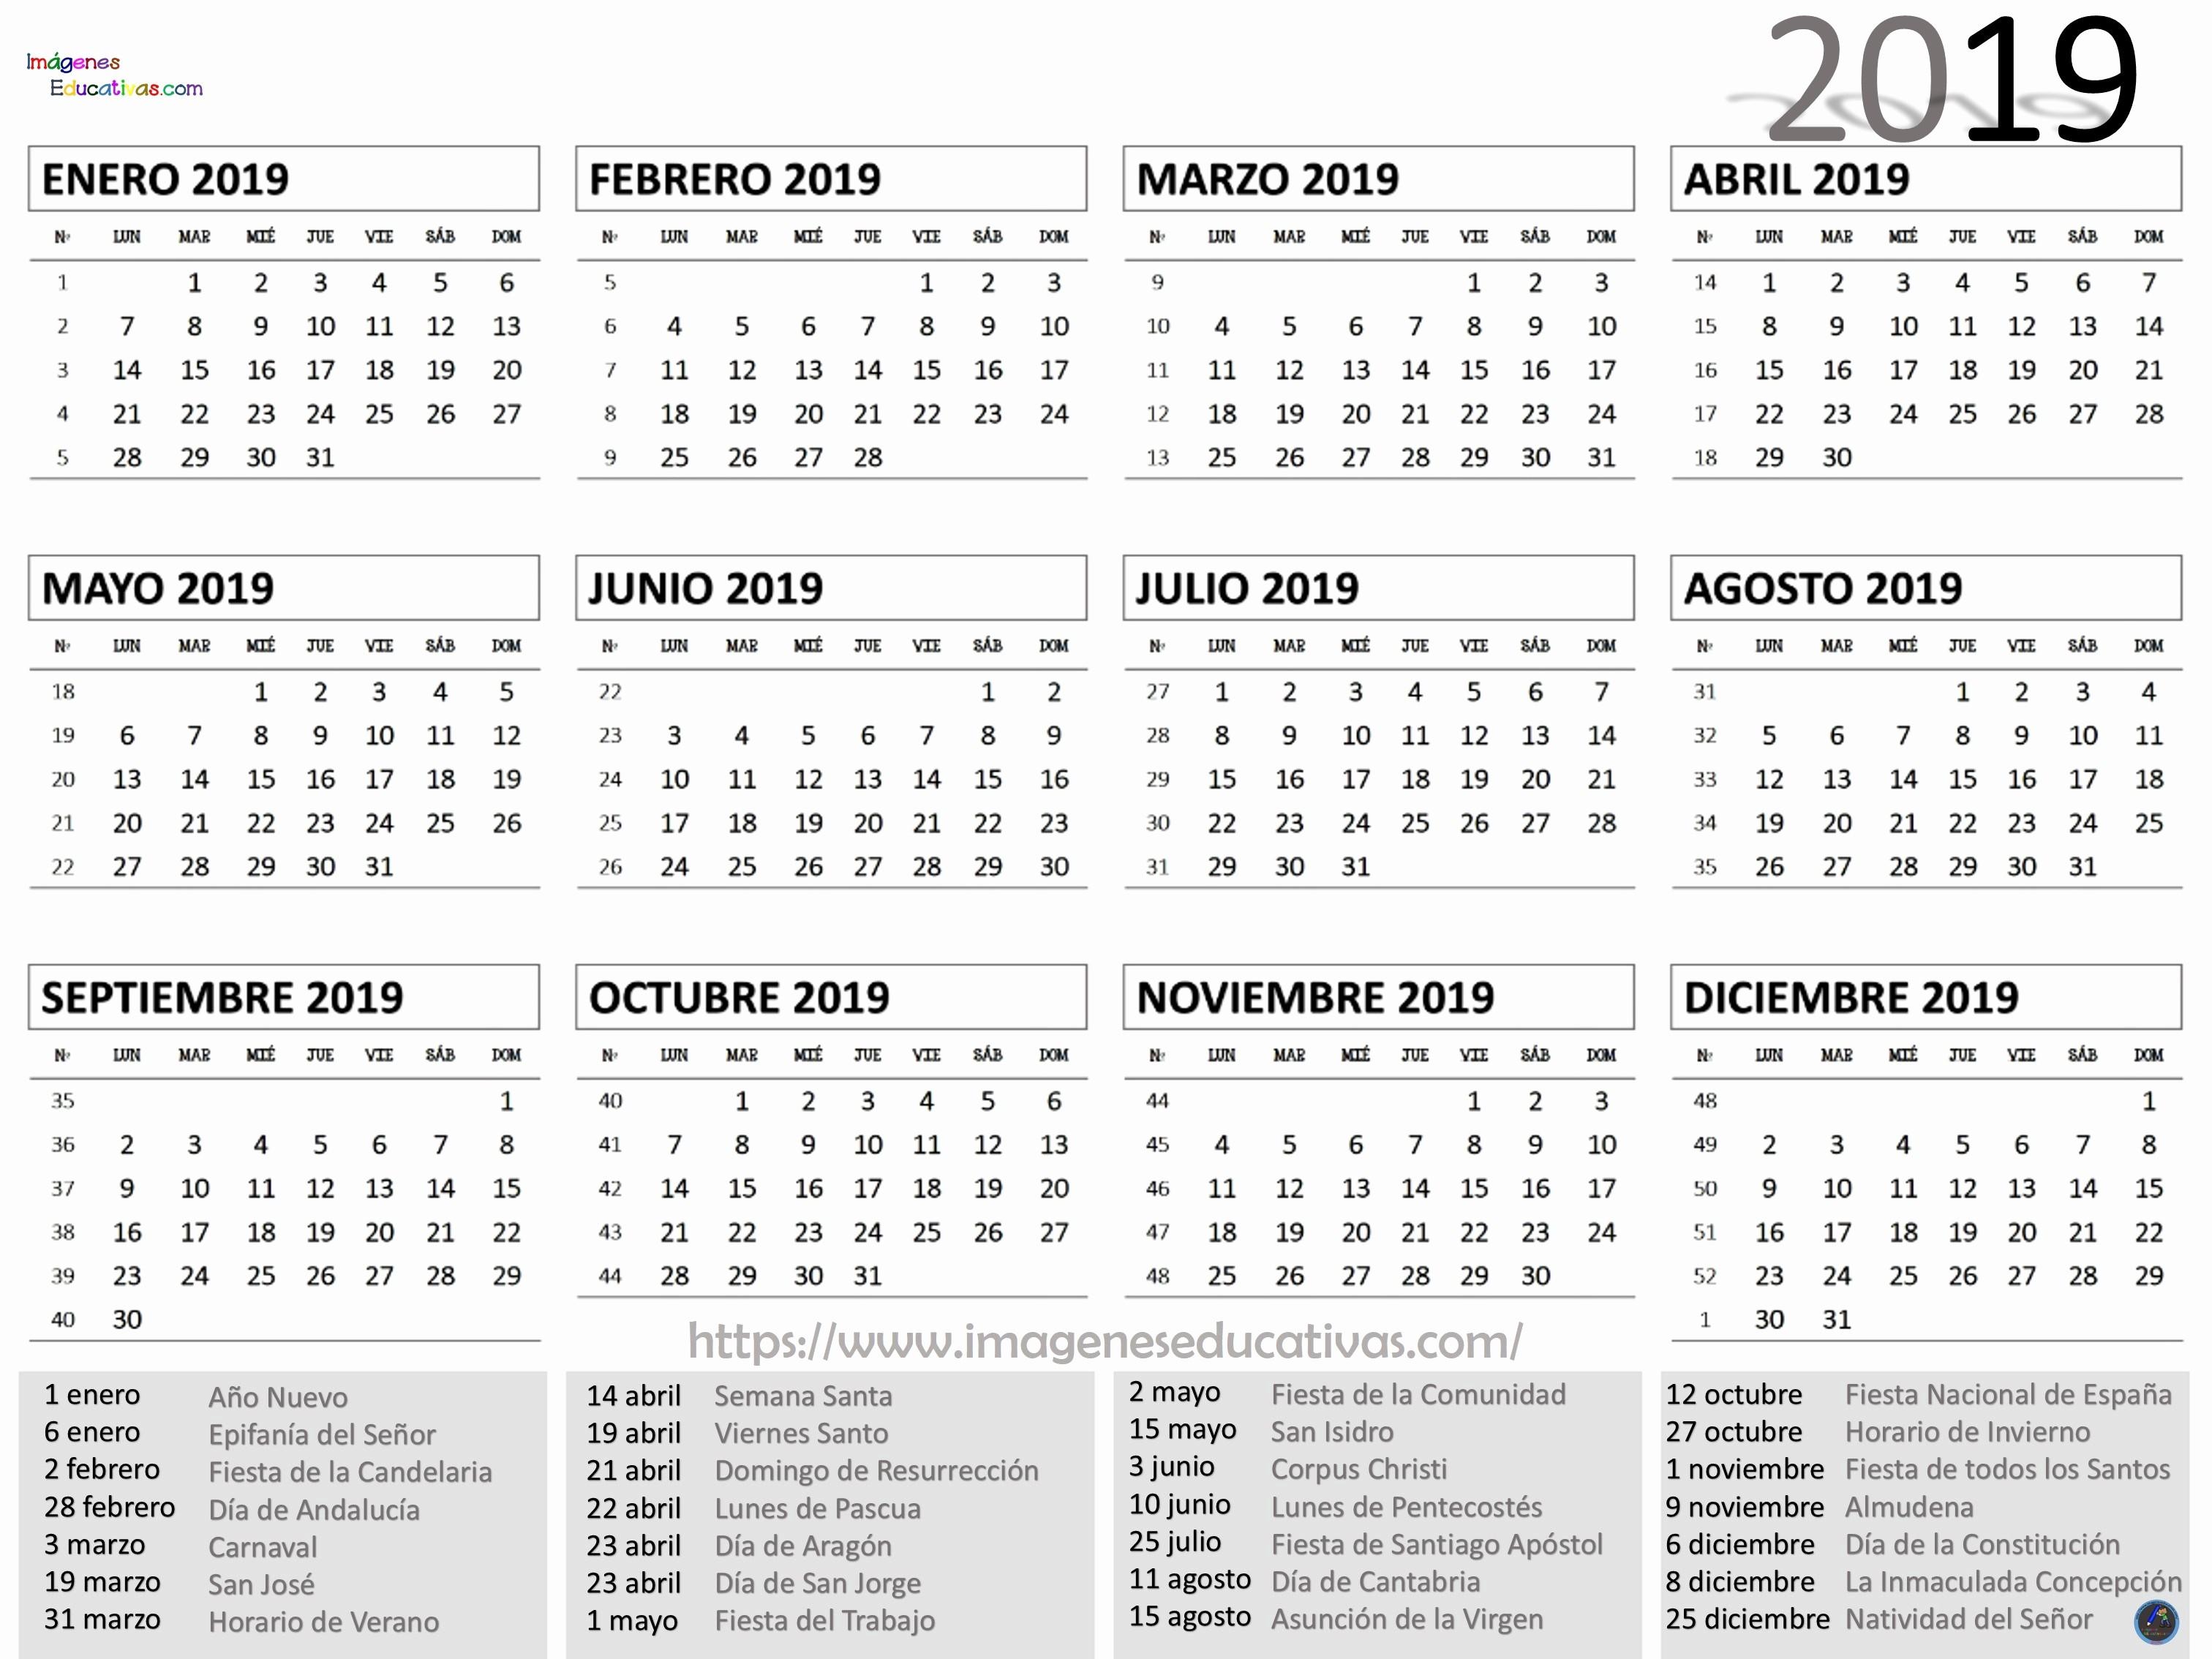 Personalizar Calendario Outlook 2019 Calendario 2019 1 Imagenes Educativas